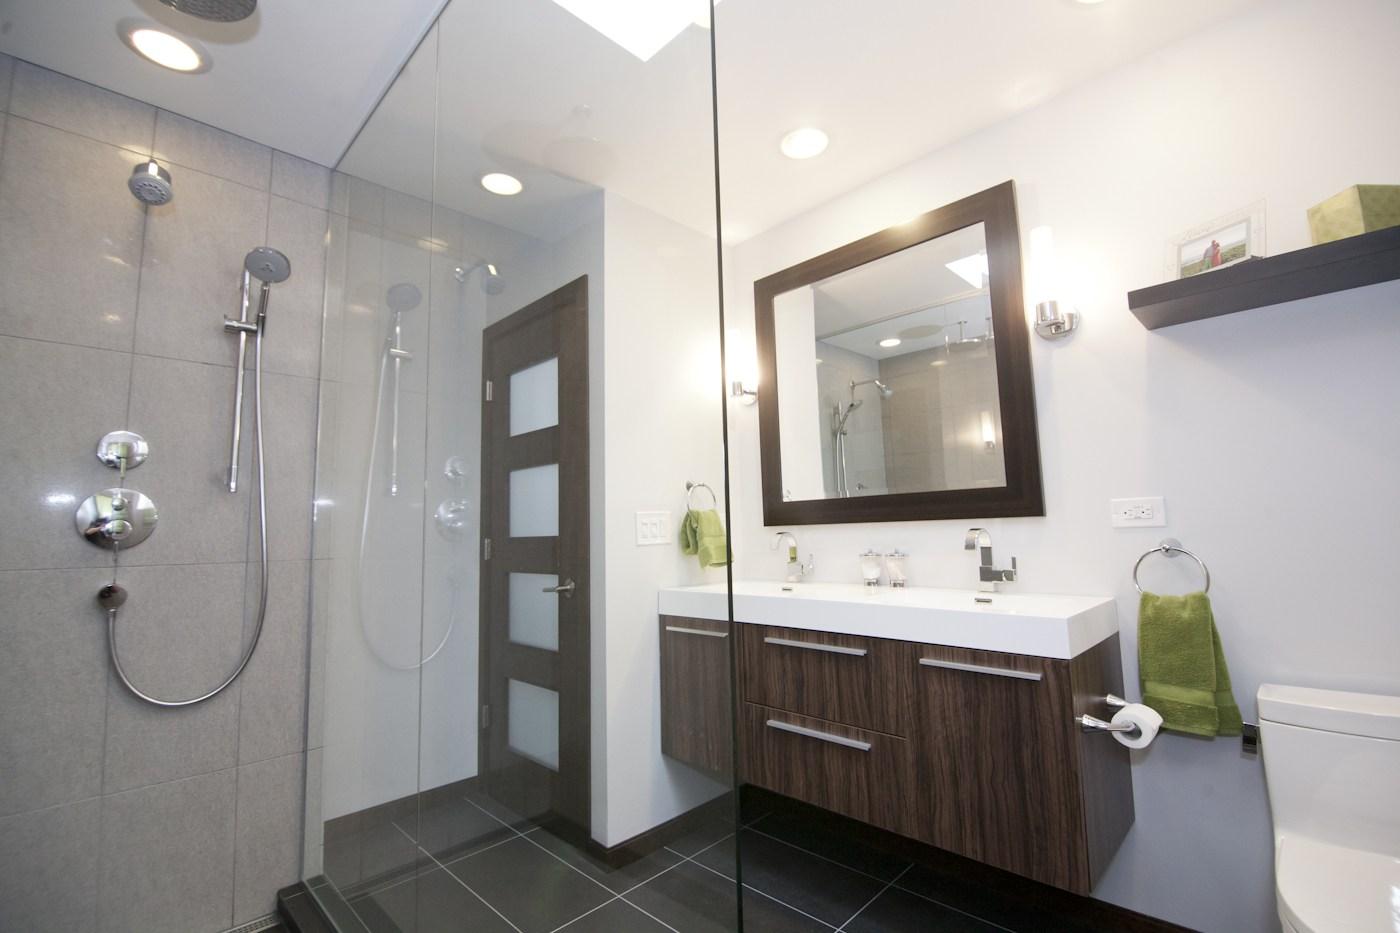 Bathroom Lighting Ideas Images